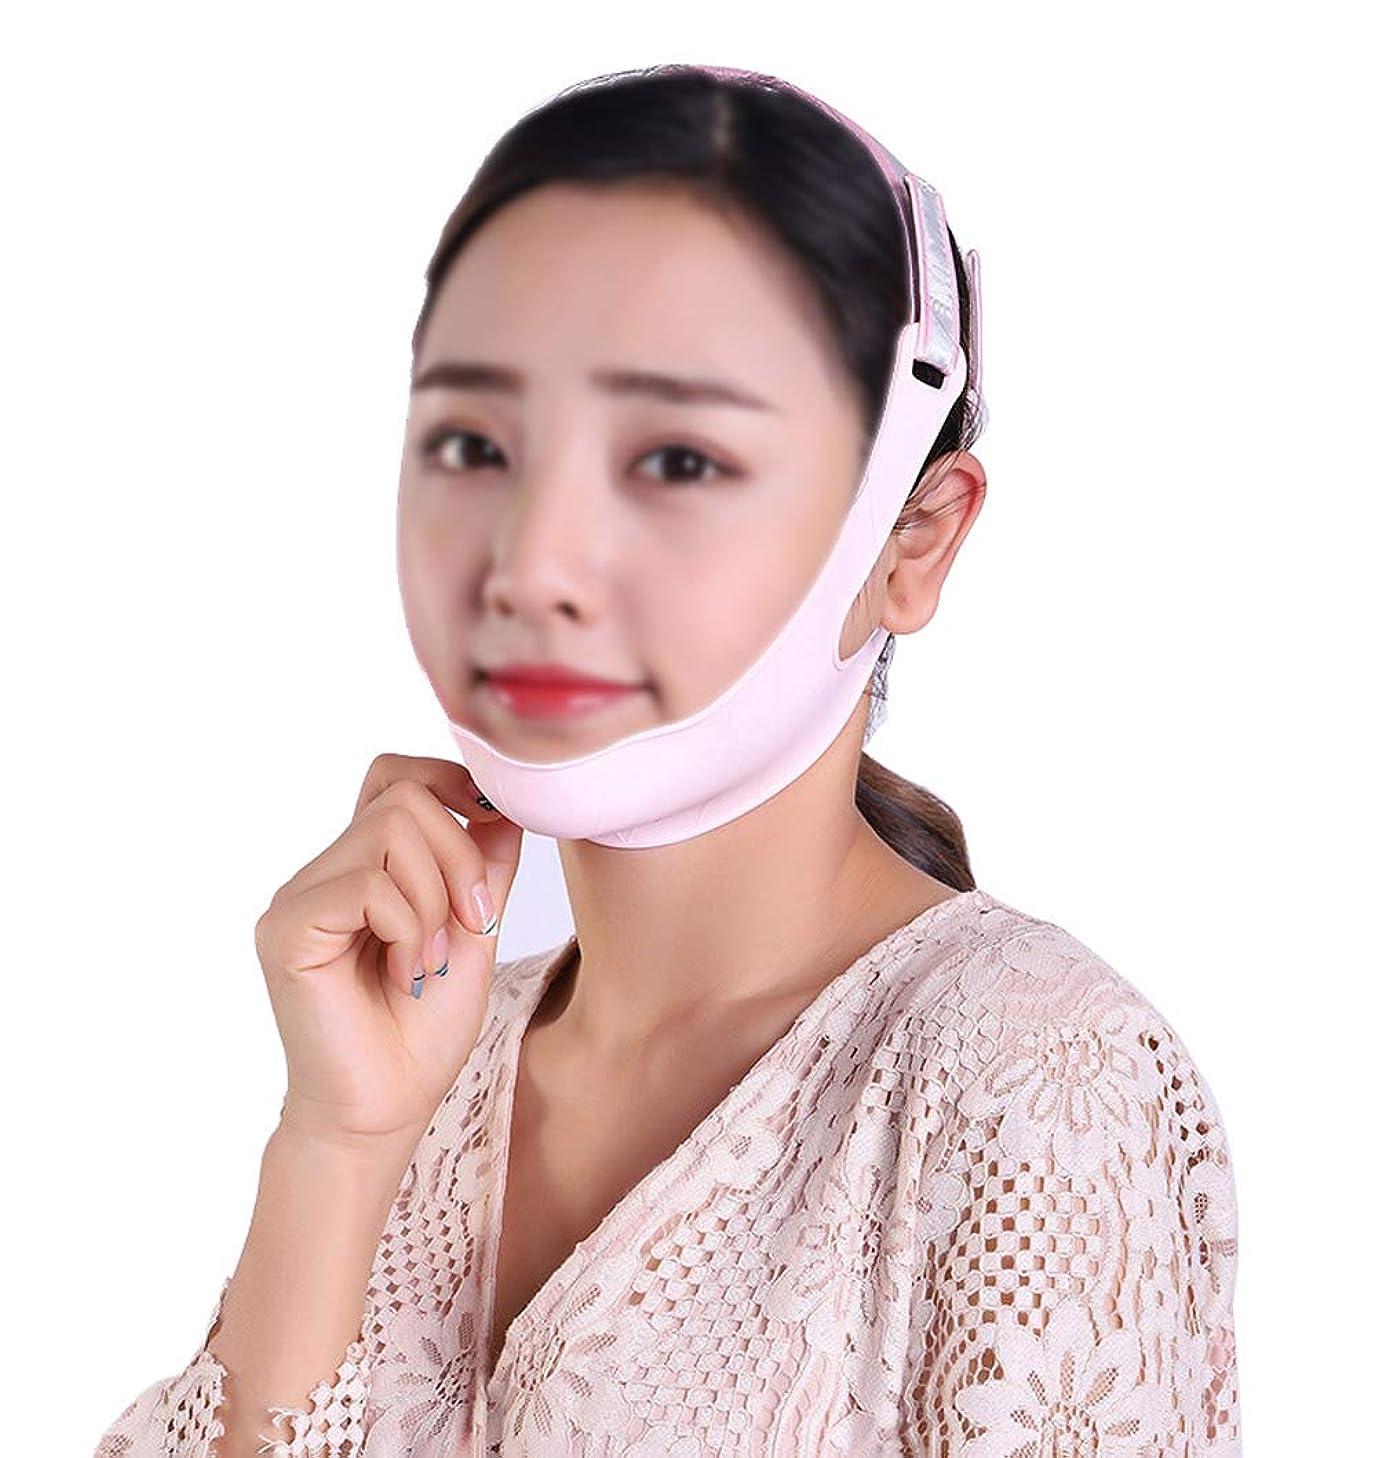 メタルライン逸話サイトラインTLMY フェイシャルリフティングマスクシリコンVマスク引き締めフェイシャル包帯スモールVフェイスアーティファクト防止リラクゼーションフェイシャル&ネックリフティング 顔用整形マスク (Size : M)